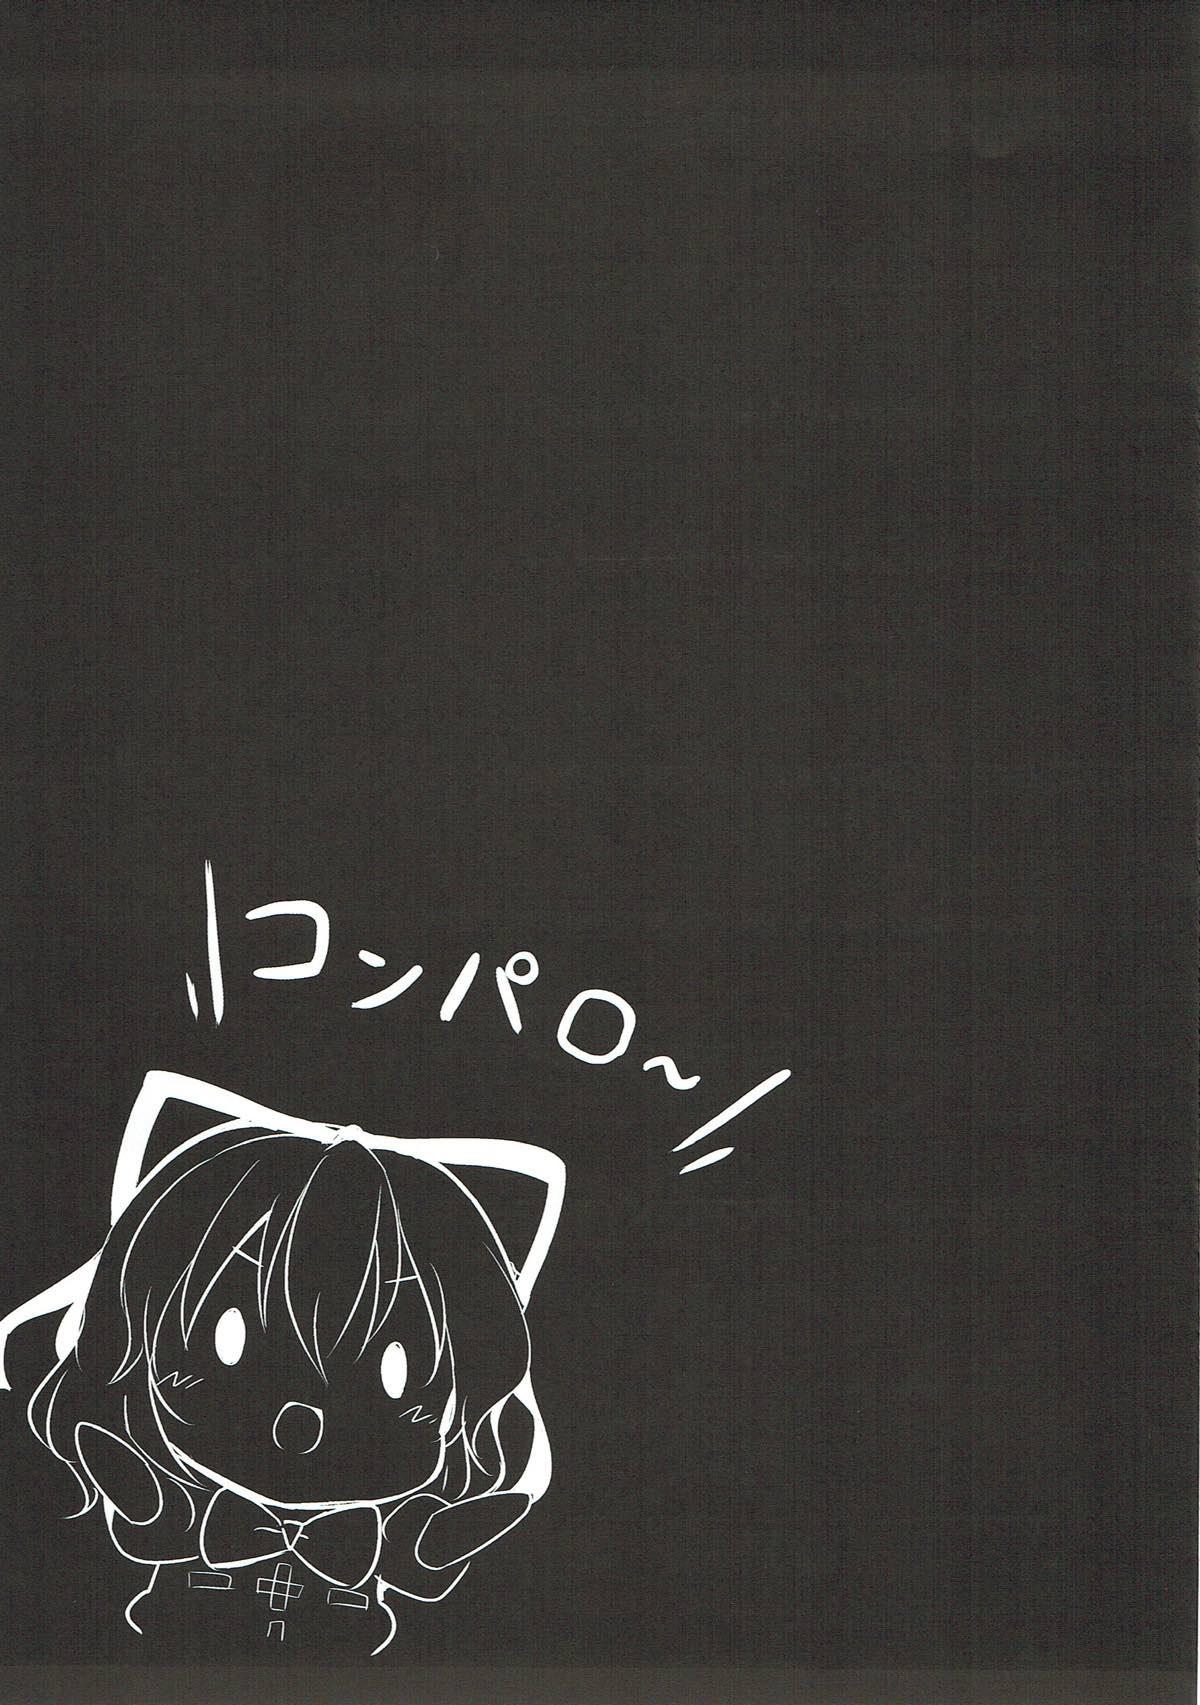 ちっちゃなお口で必死にチンコくわえこむメディスン・メランコリーちゃんかわいすぎぃぃ♡♡♡【東方 エロ漫画・エロ同人】 (20)